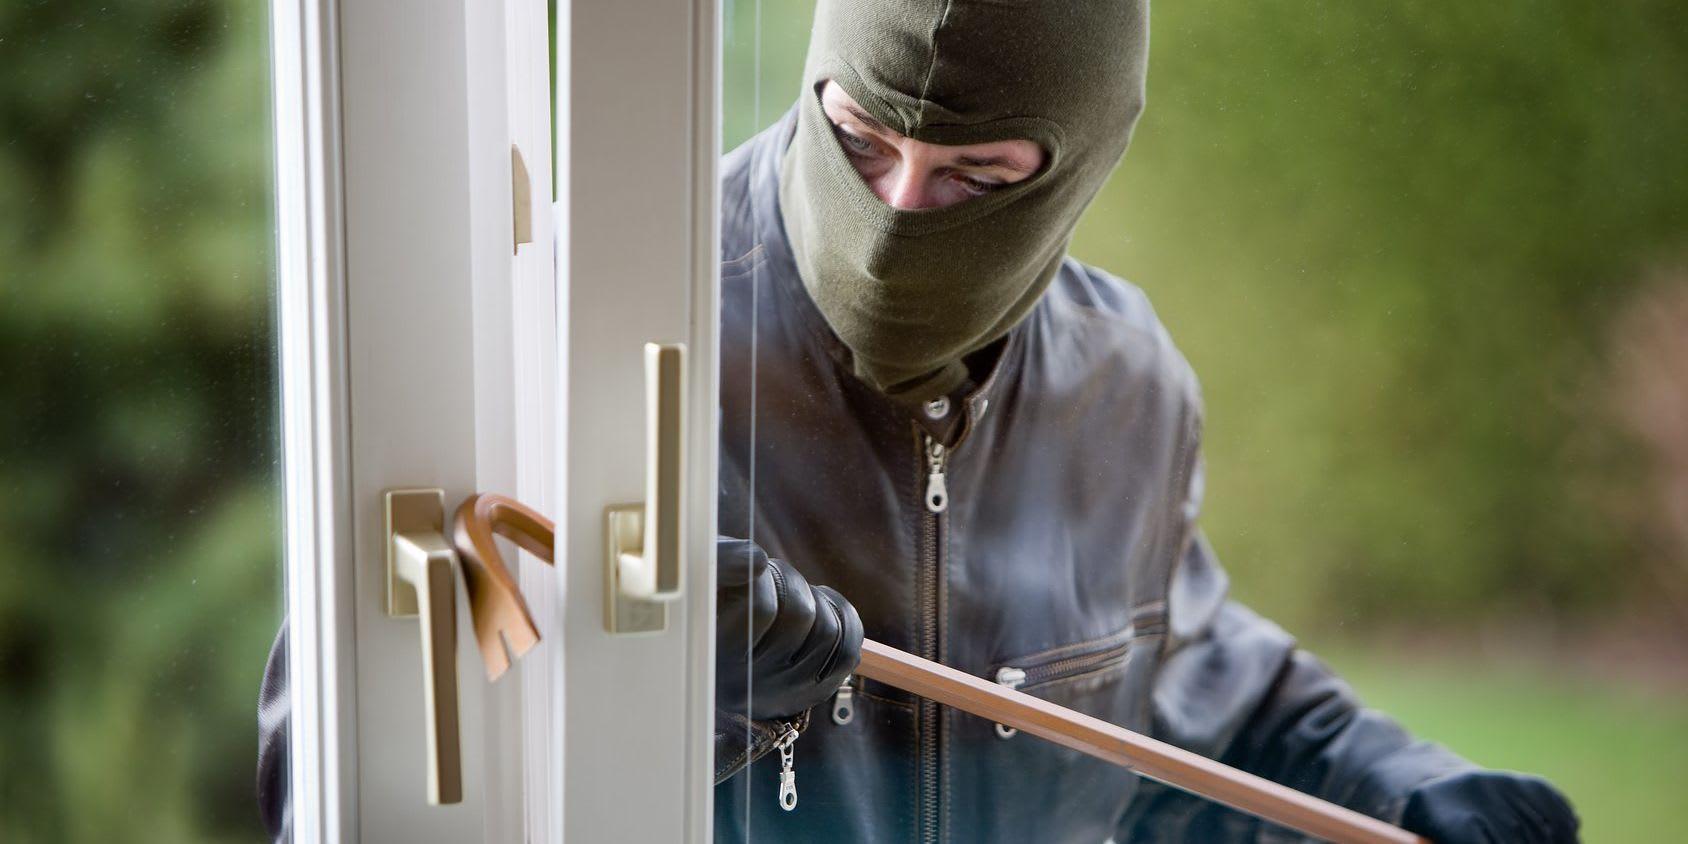 Einbrecher Einbruch durch das Fenster